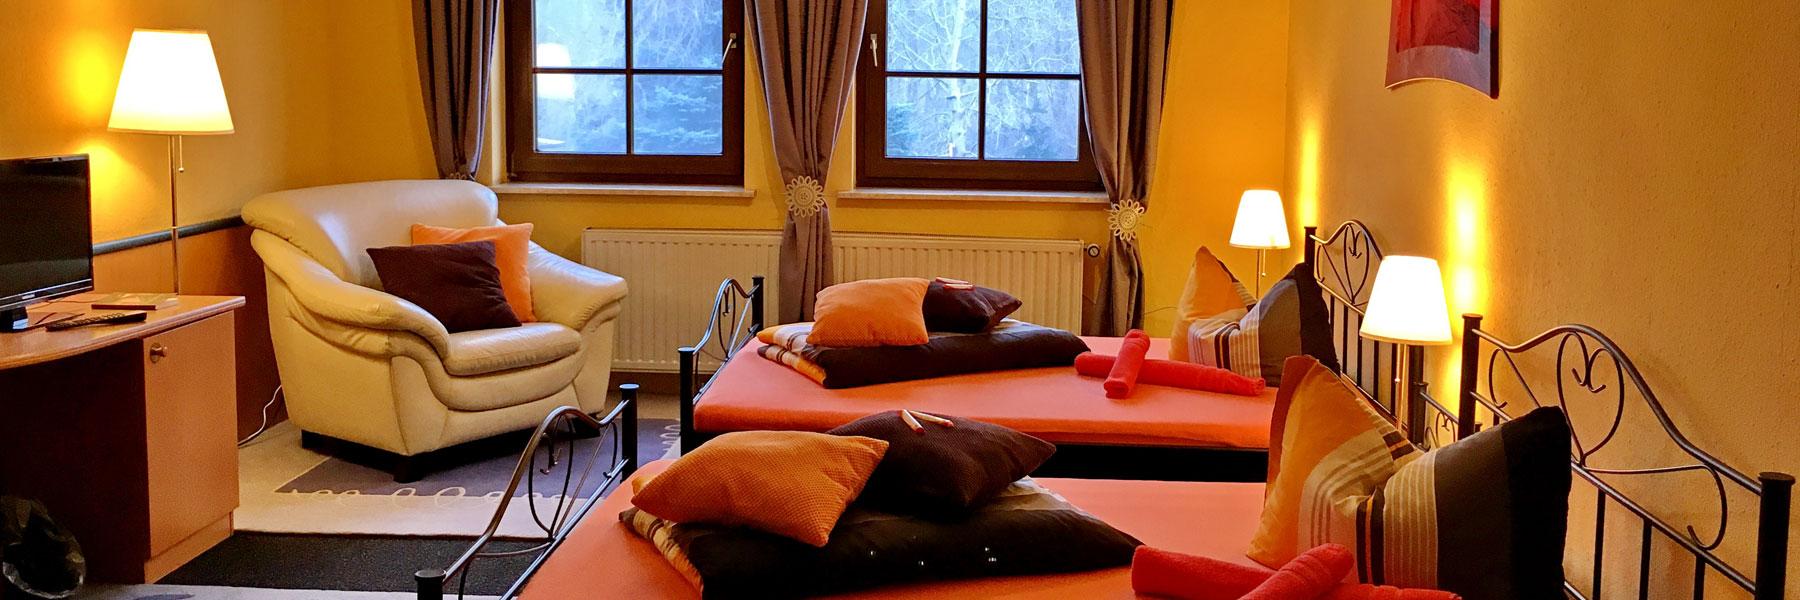 """Familienzimmer Doppelbetten - Gasthaus & Pension """"Zur Eiche"""""""